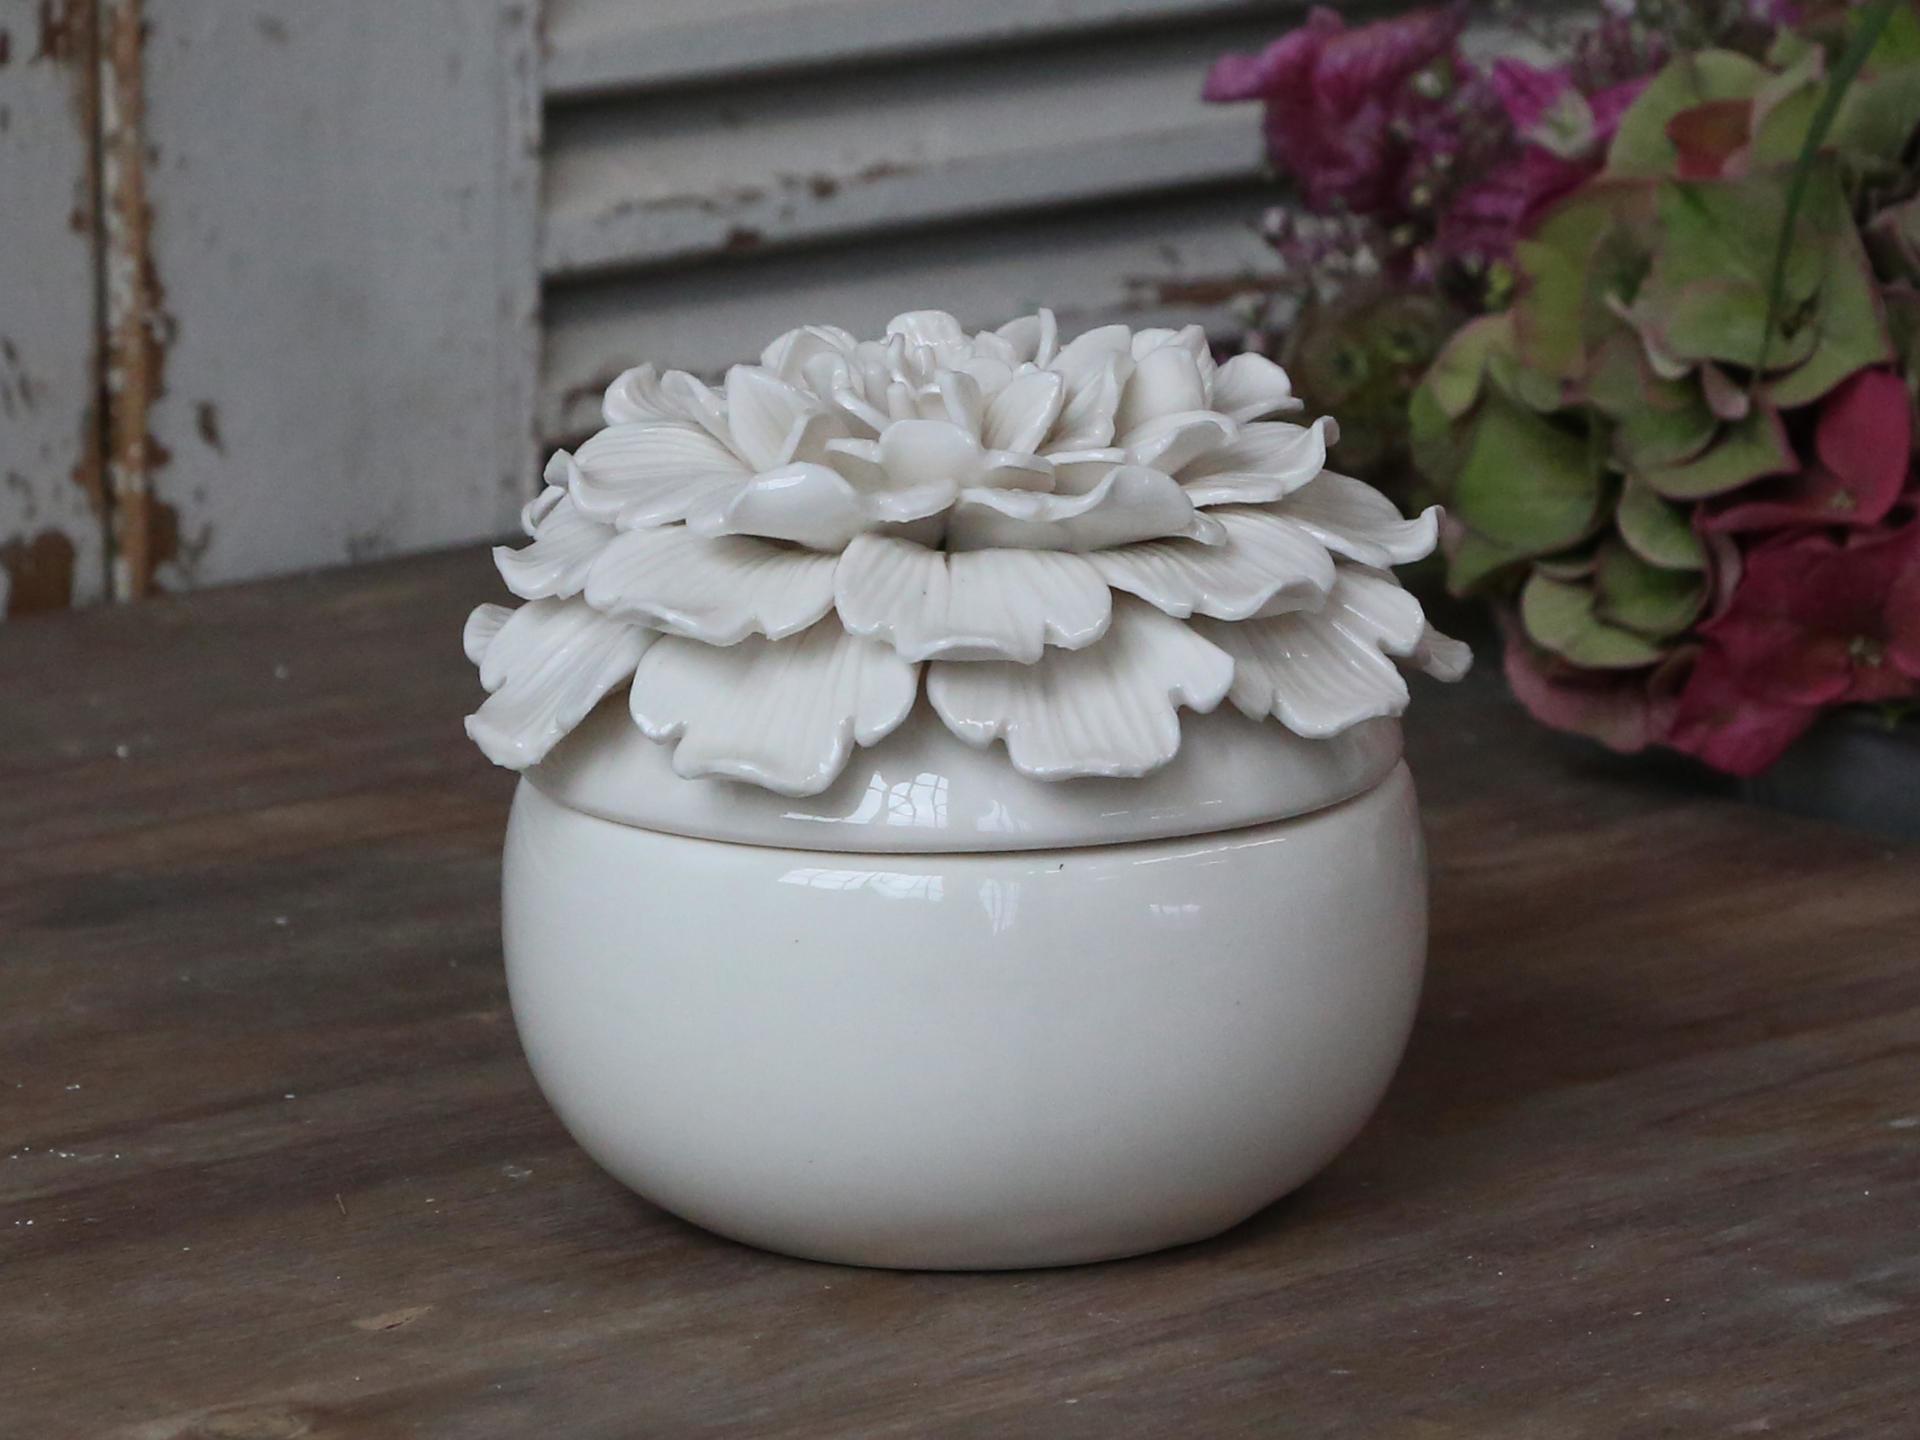 Chic Antique Dózička Flower White, bílá barva, keramika